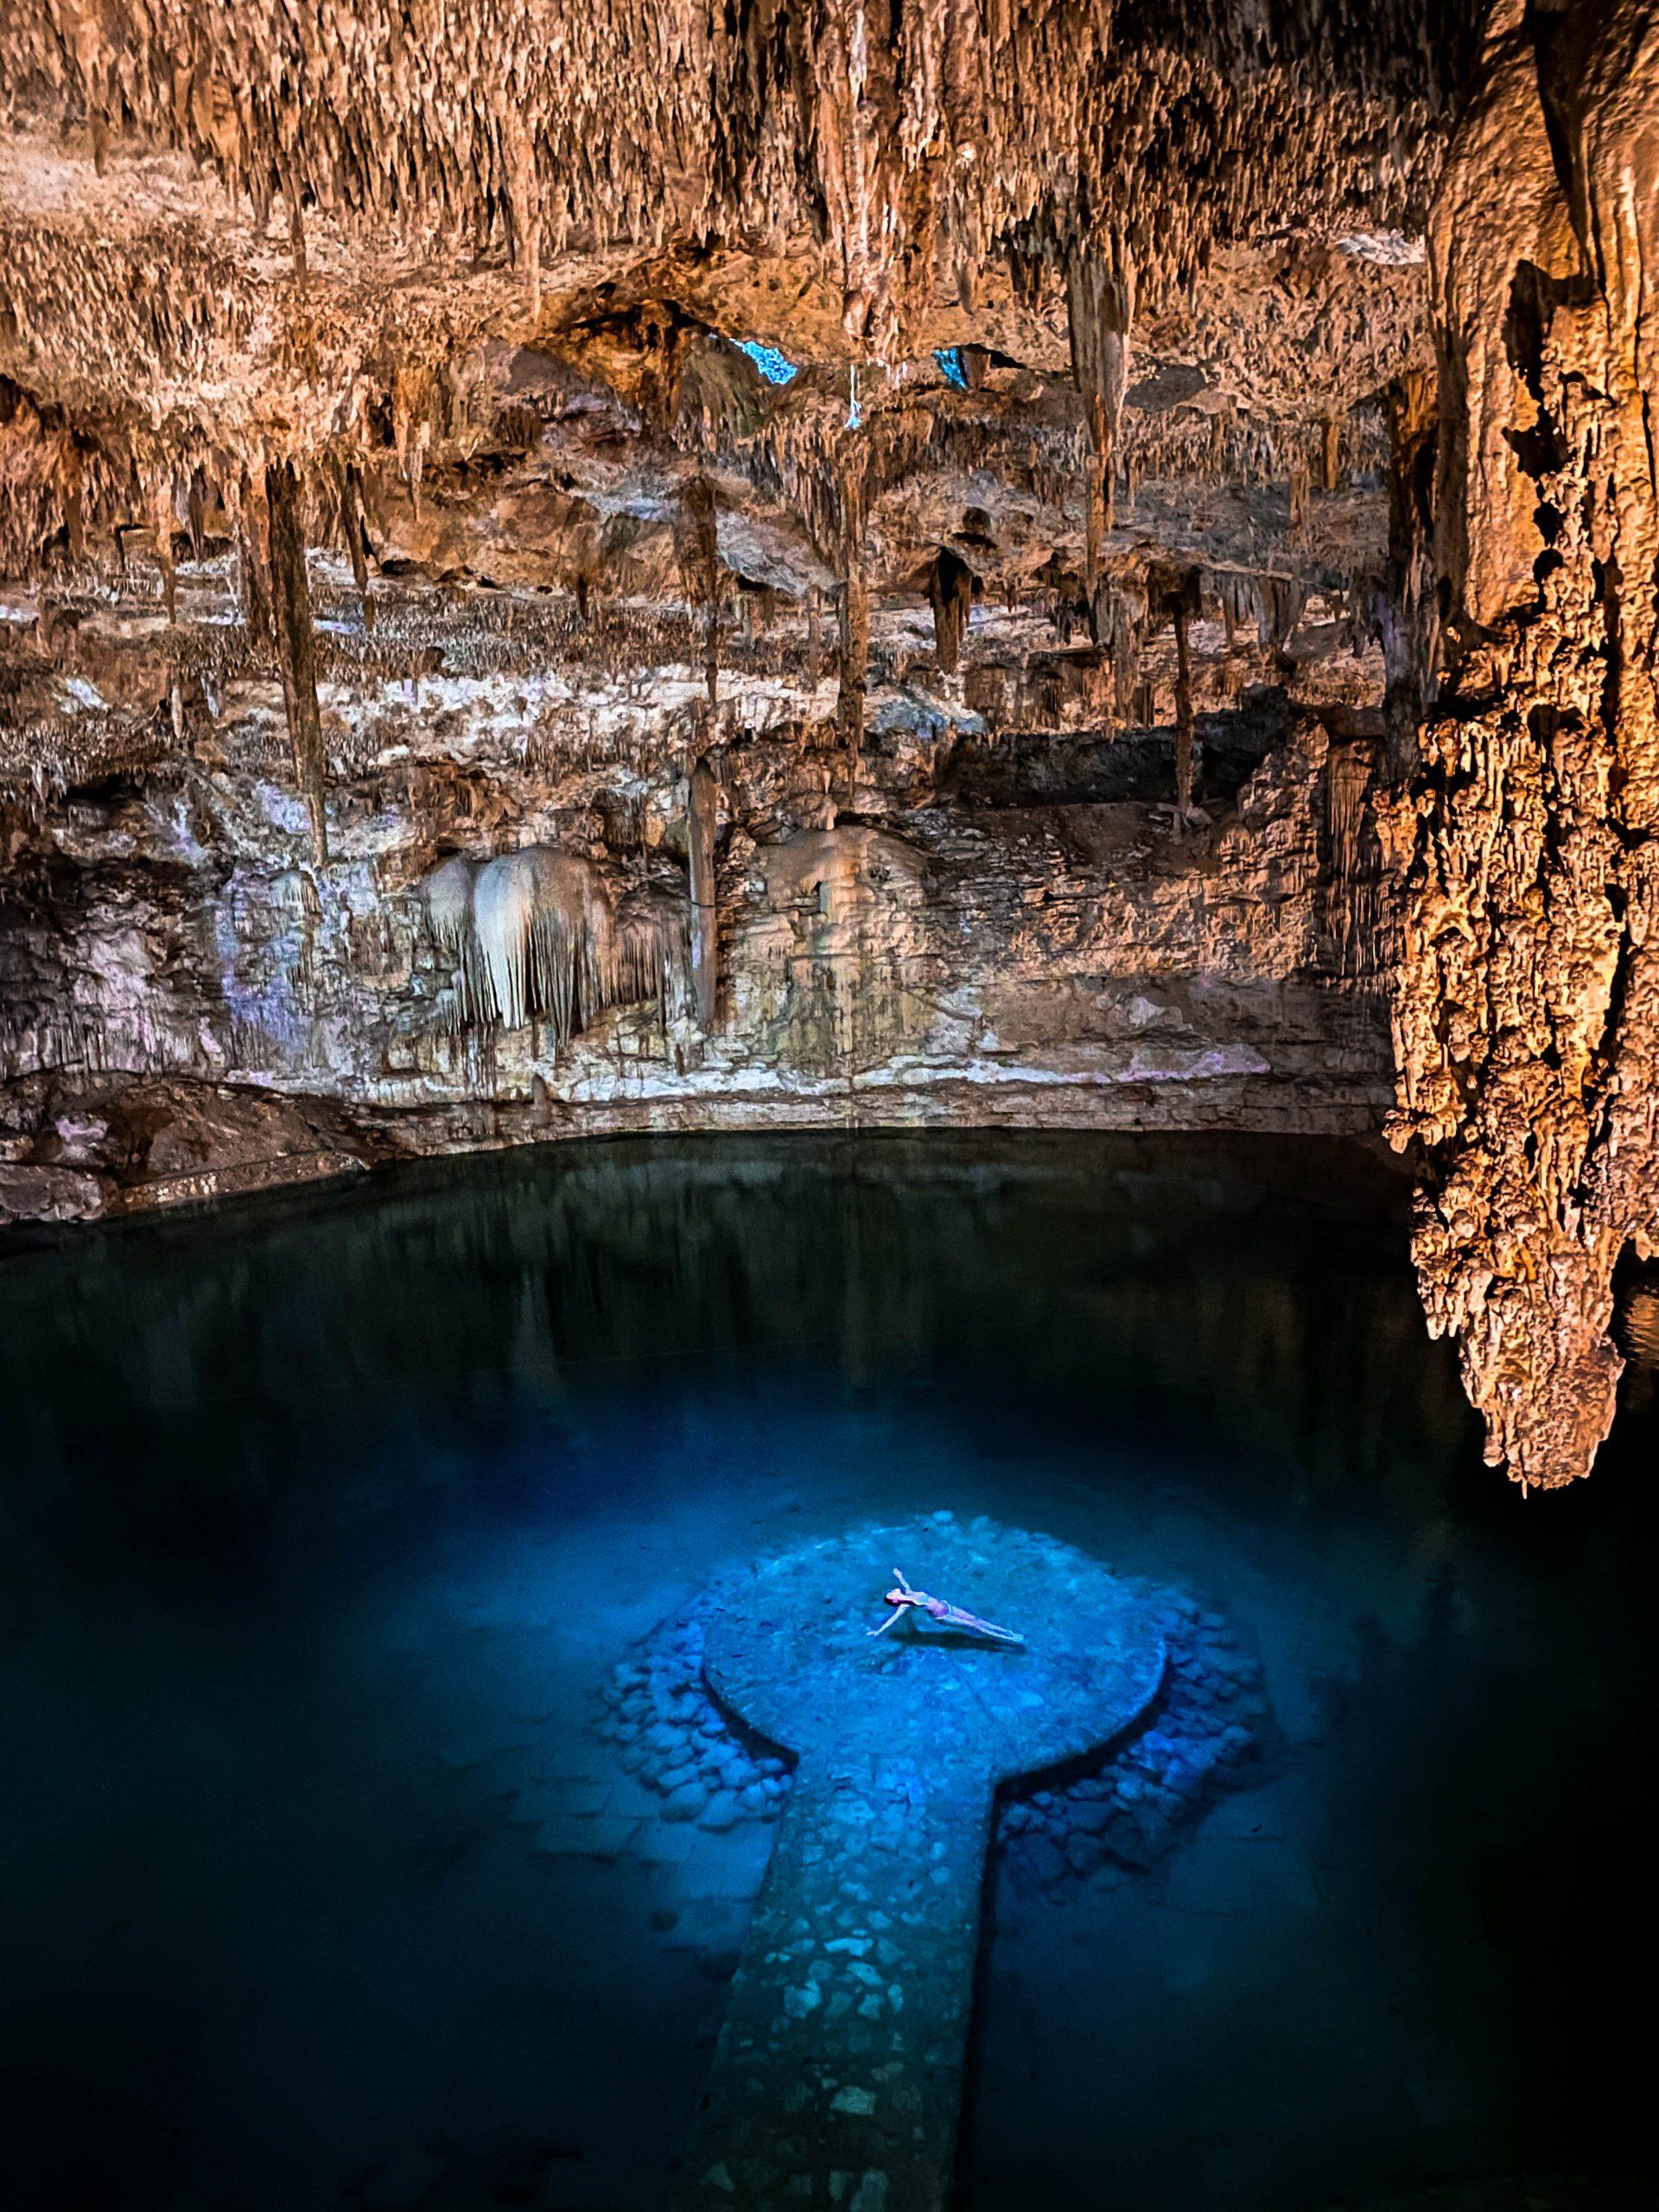 cenote suytun valladolid yucatan peninsula mexico natural swimming cave floating platform